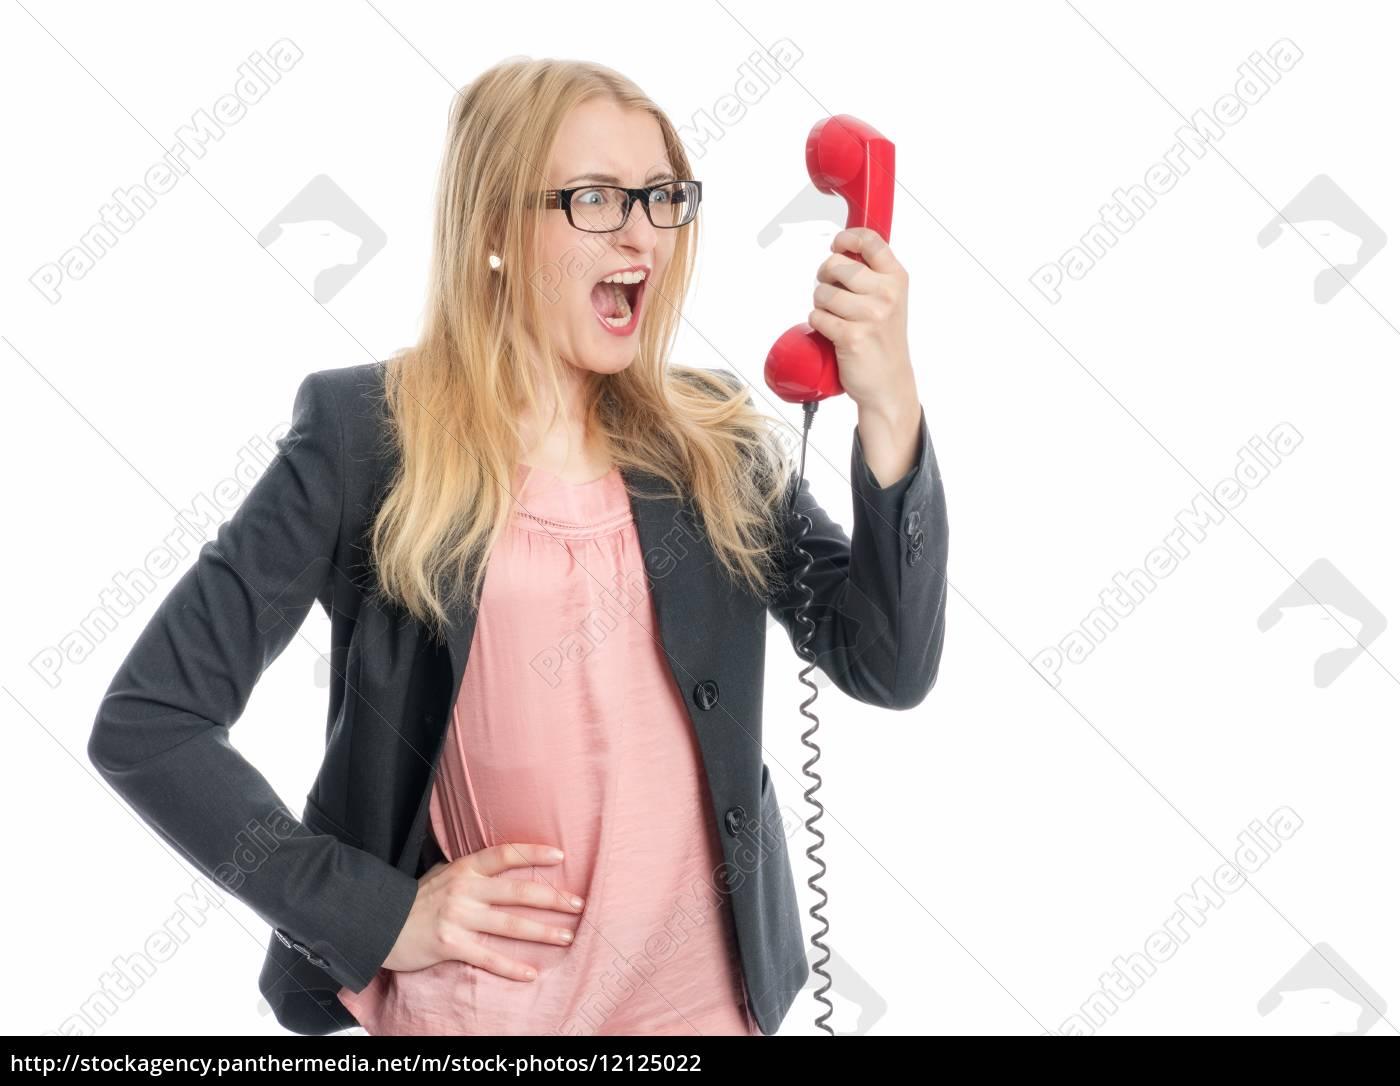 geschäftsfrau, am, telefonhörer - 12125022